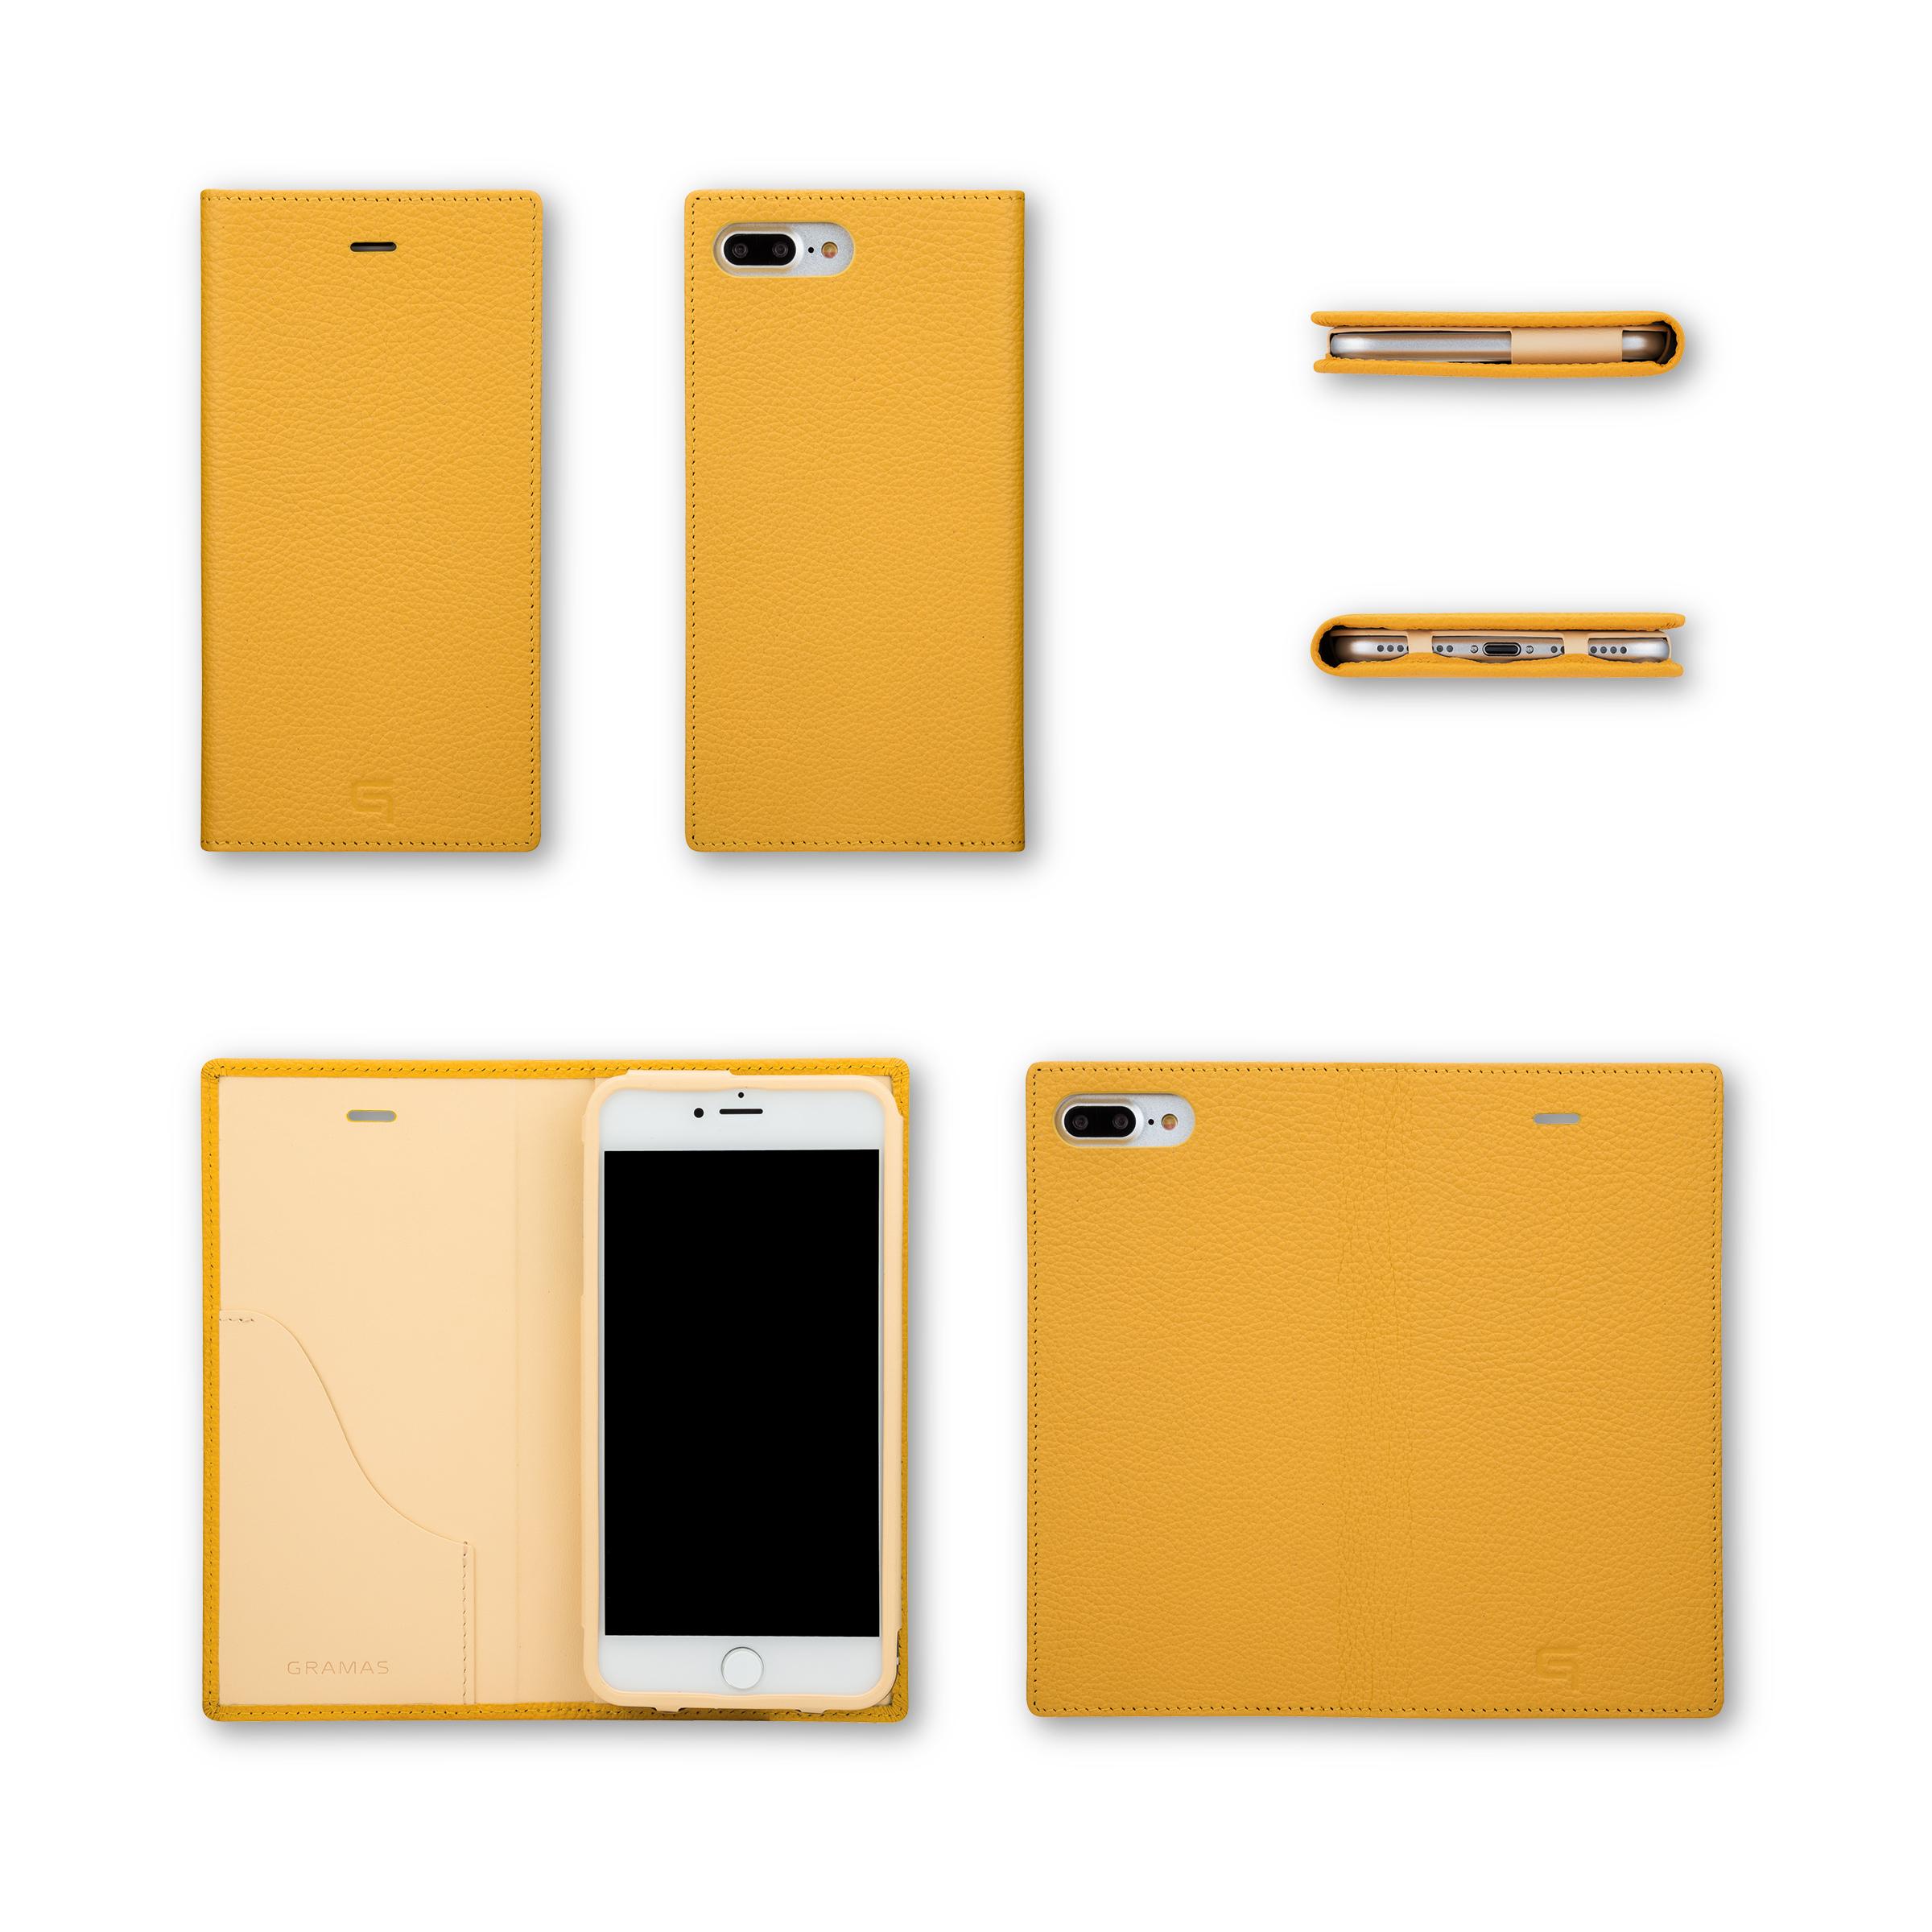 GRAMAS Shrunken-calf Full Leather Case for iPhone 7 Plus(Blue) シュランケンカーフ 手帳型フルレザーケース - 画像5